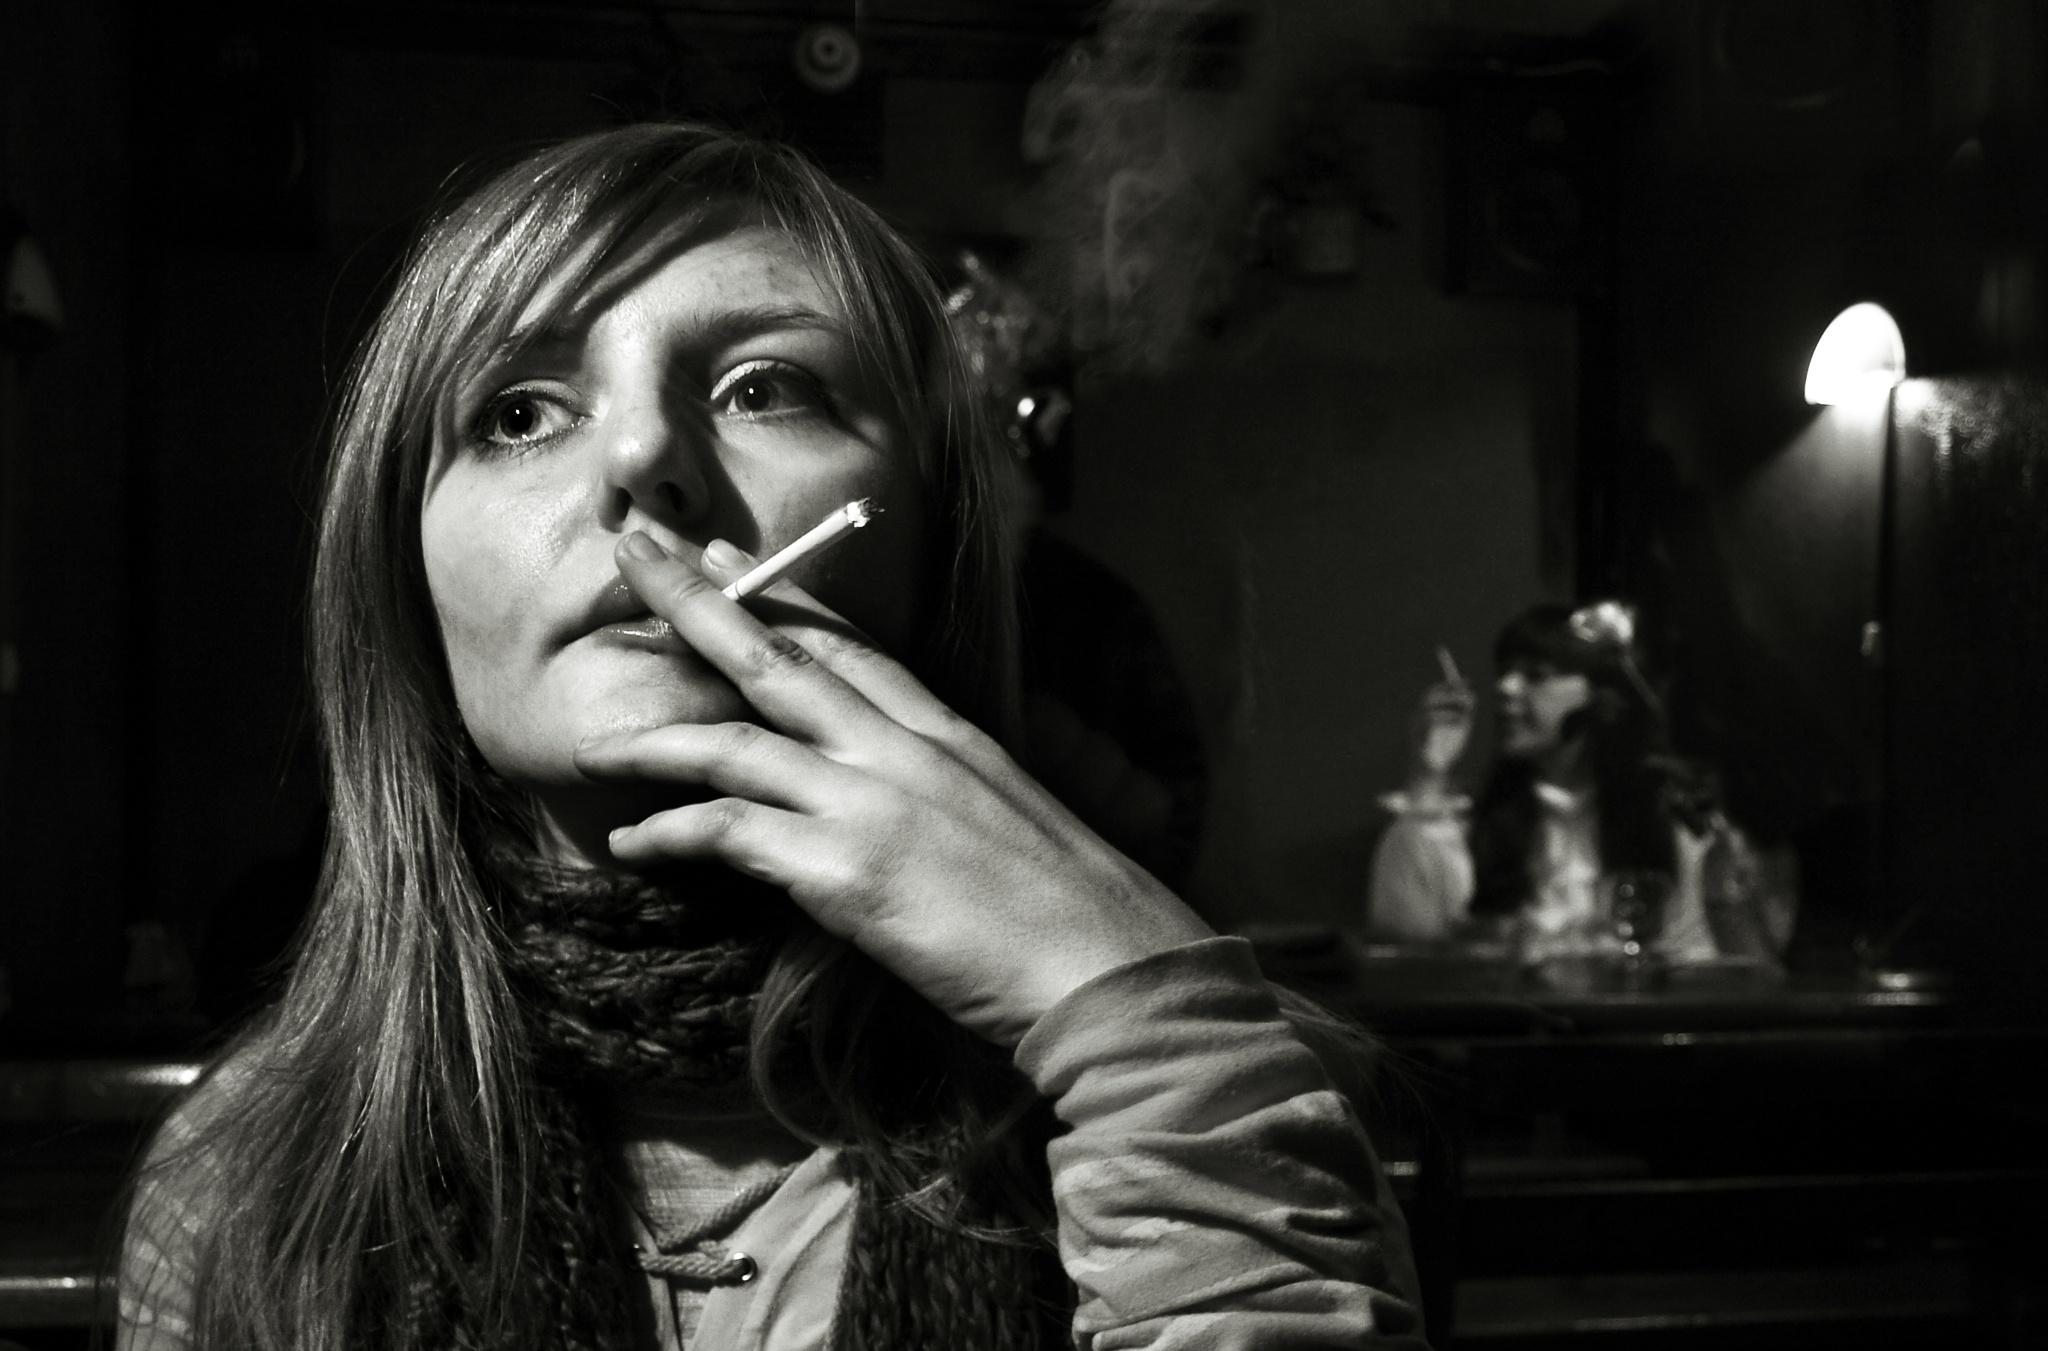 Anna in cafe by Сергей Юрьев